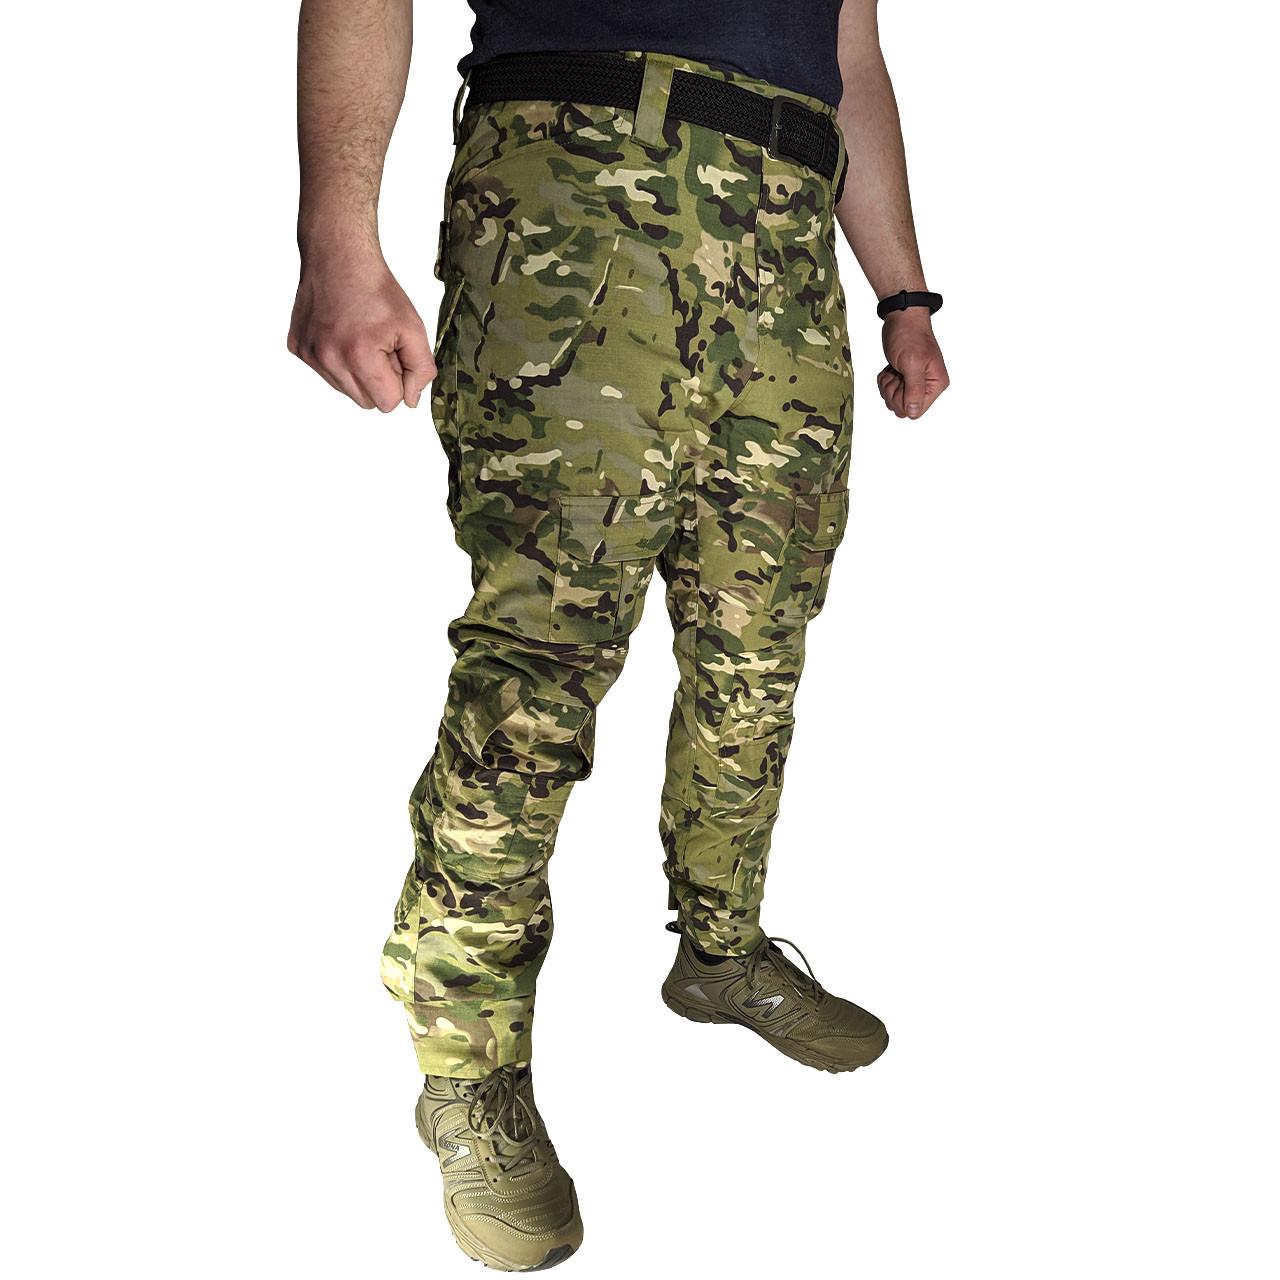 Тактичні штани Lesko B603 Camouflage 38 розмір штани чоловічі мілітарі камуфляжні з кишенями